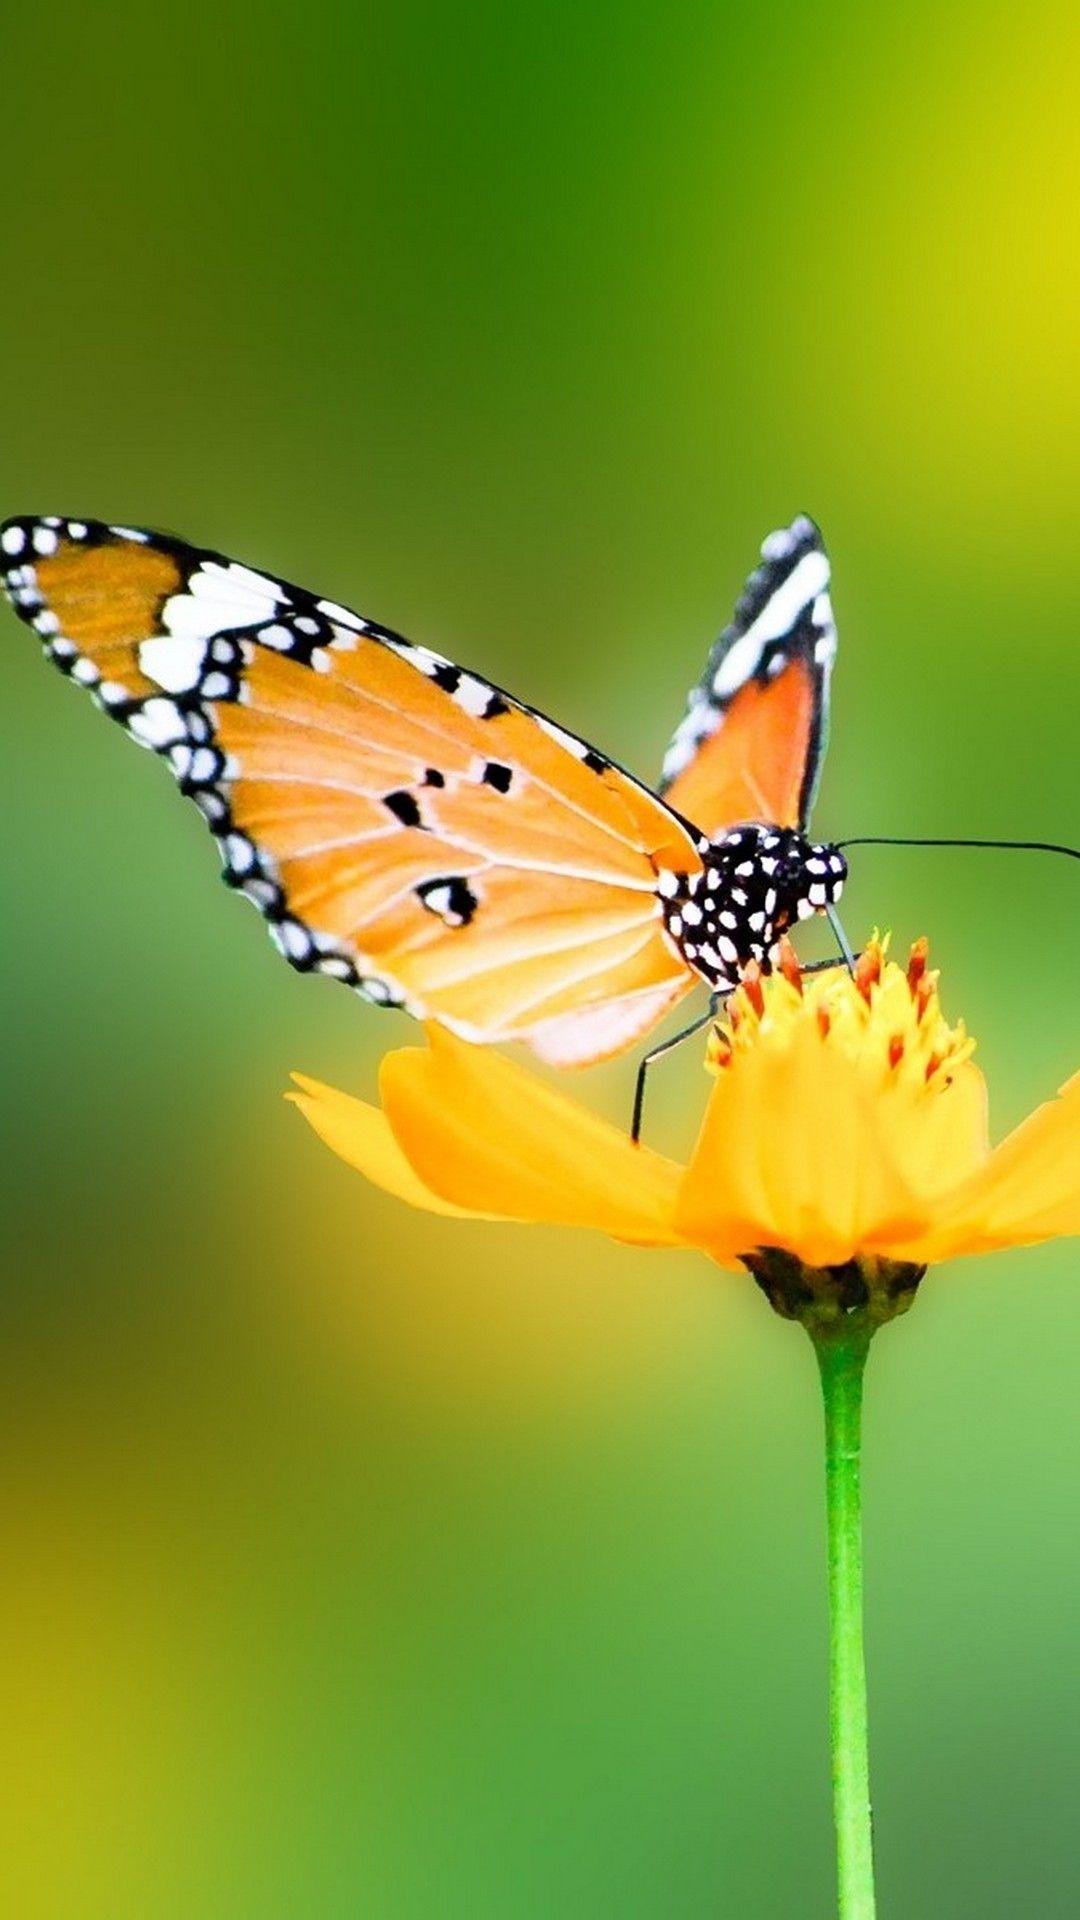 Butterfly iPhone 7 plus wallpaper hd